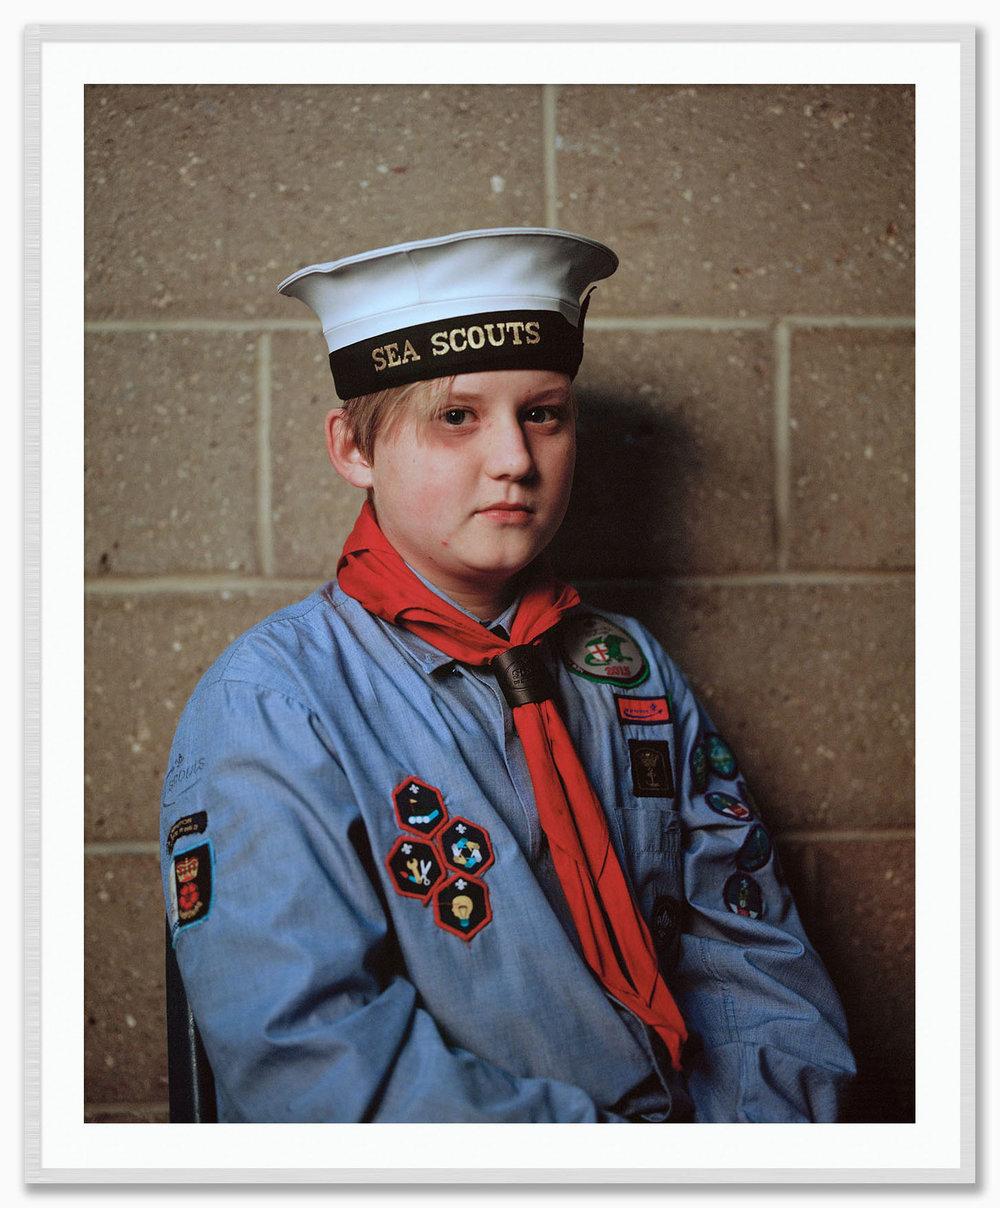 Untitled III. Sea Scout. England. Izzy de Wattripont _Mat_FrostedSilver.jpg